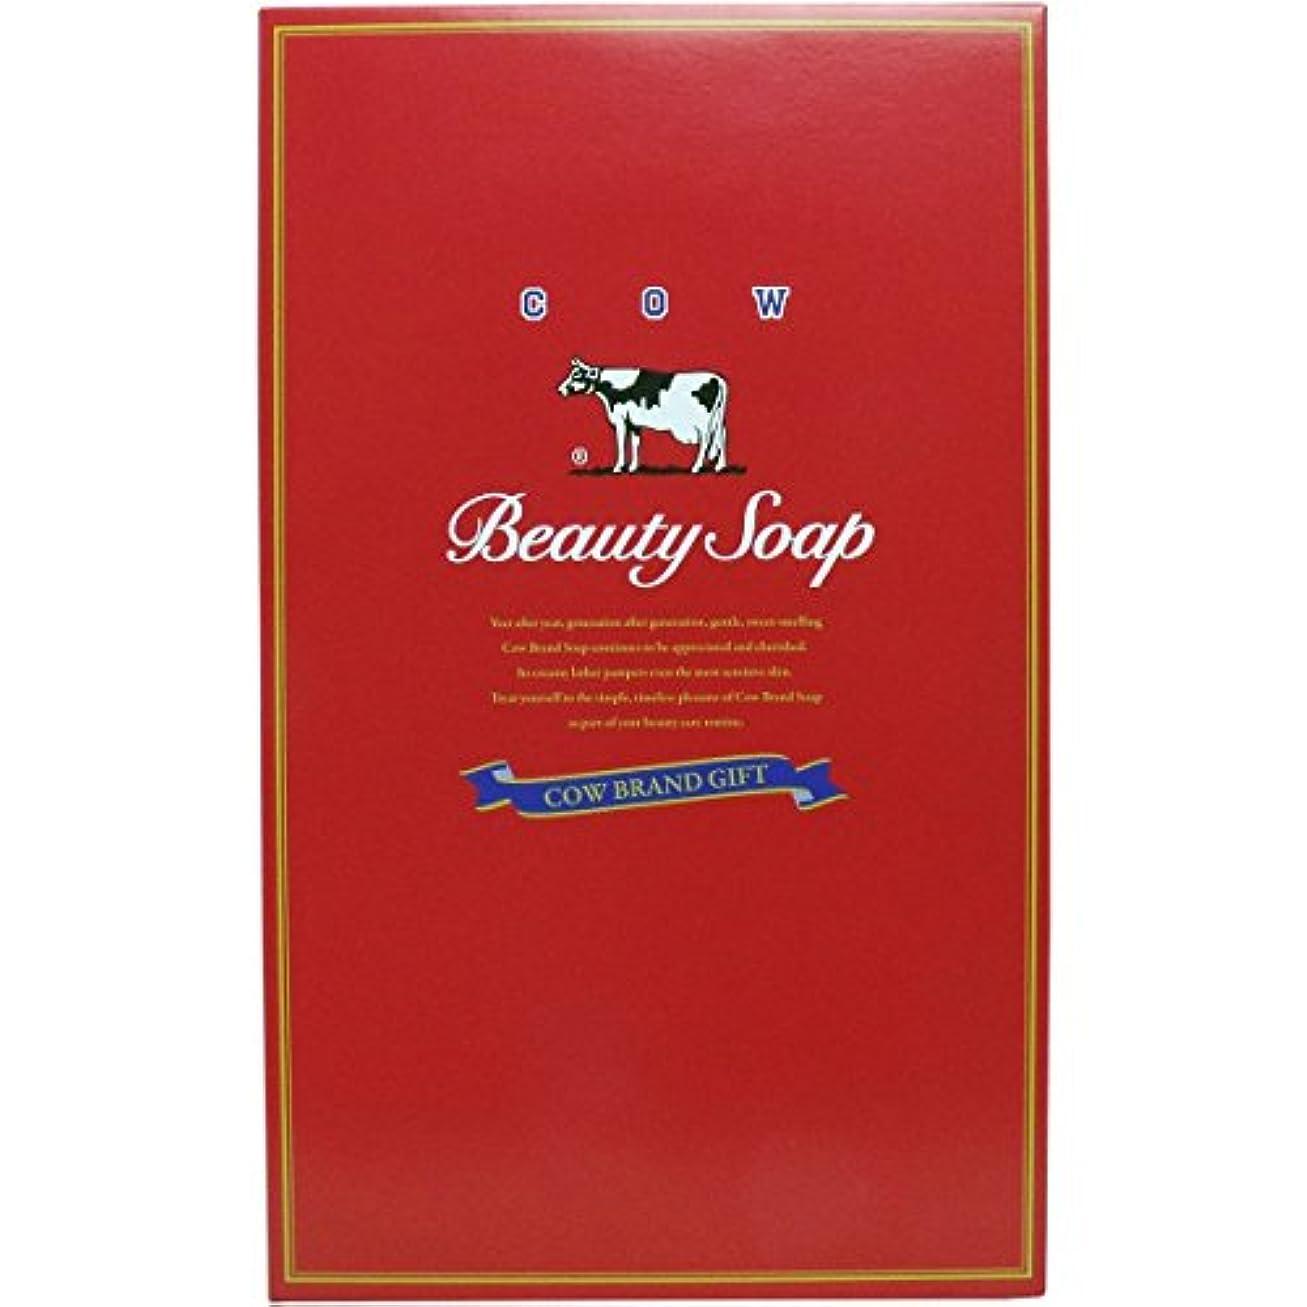 ブラウザ悔い改める優れました牛乳石鹸共進社 カウブランド石鹸 赤箱 100g×10個×16箱